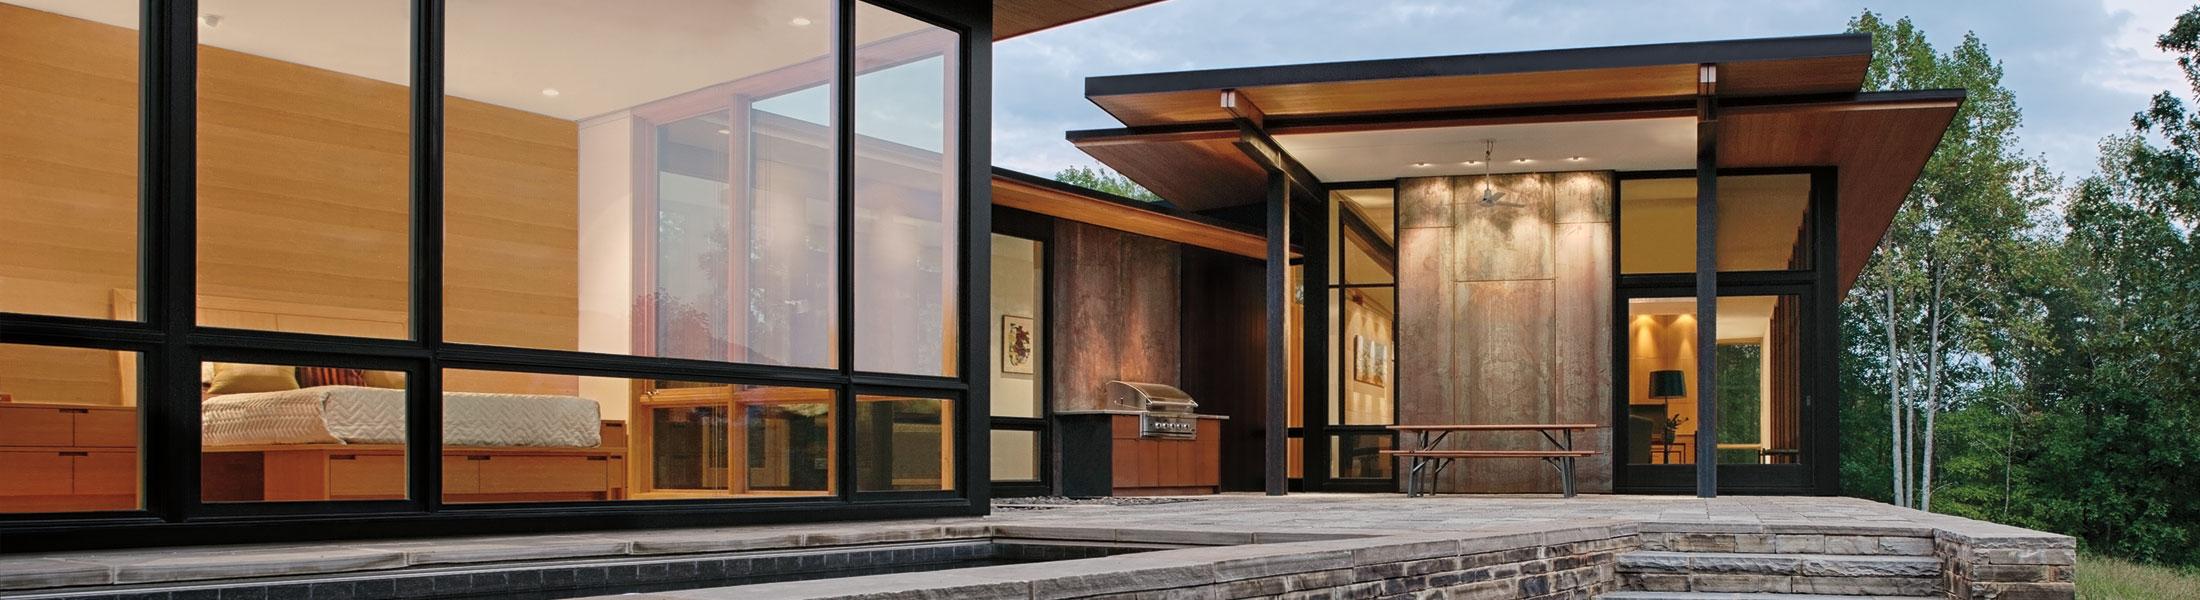 Windows doors windsor ontario marvin replacement windows for Marvin scenic doors cost